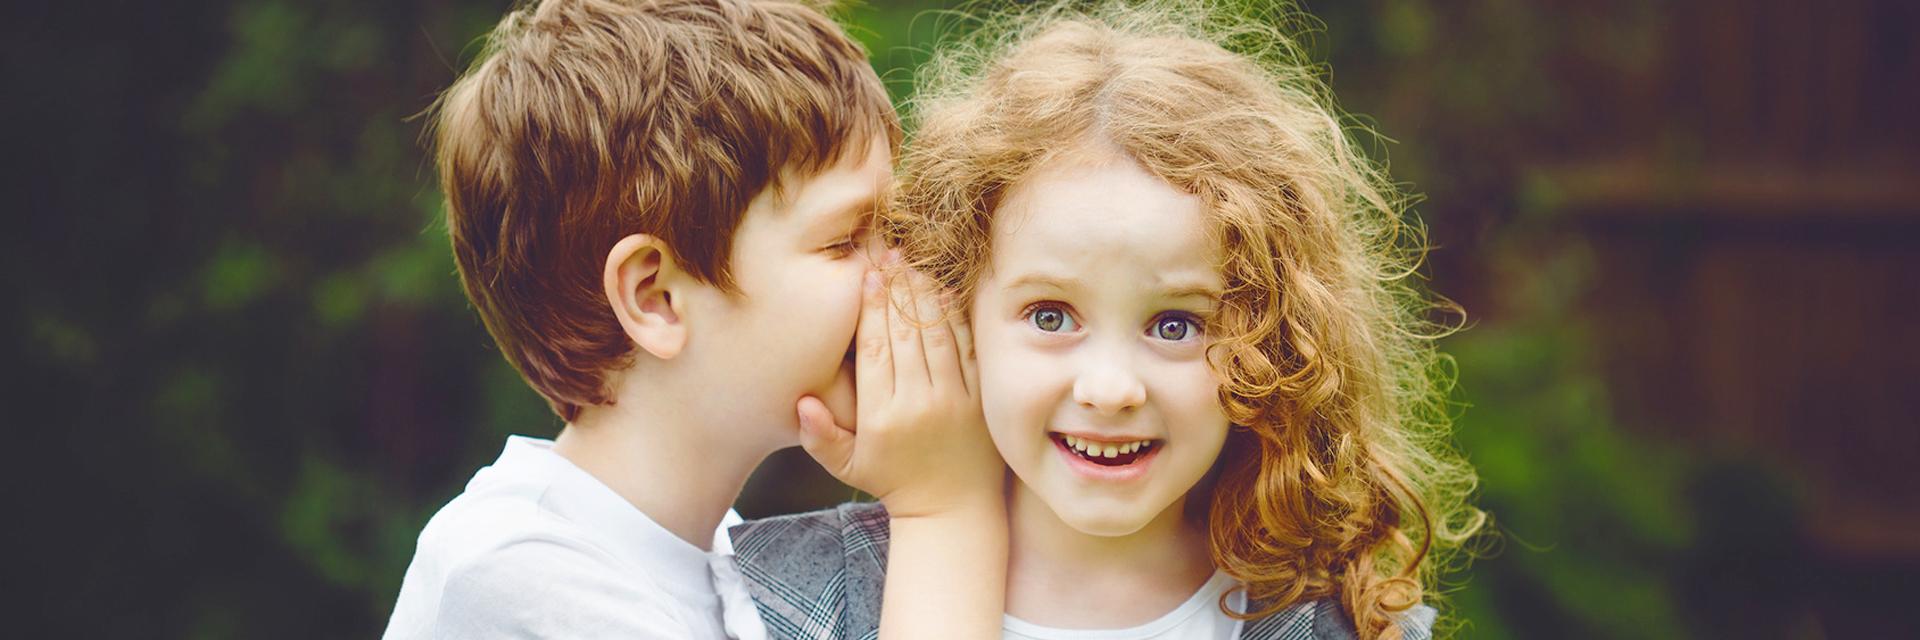 Zwei Kinder erzählen sich ein Geheimnis